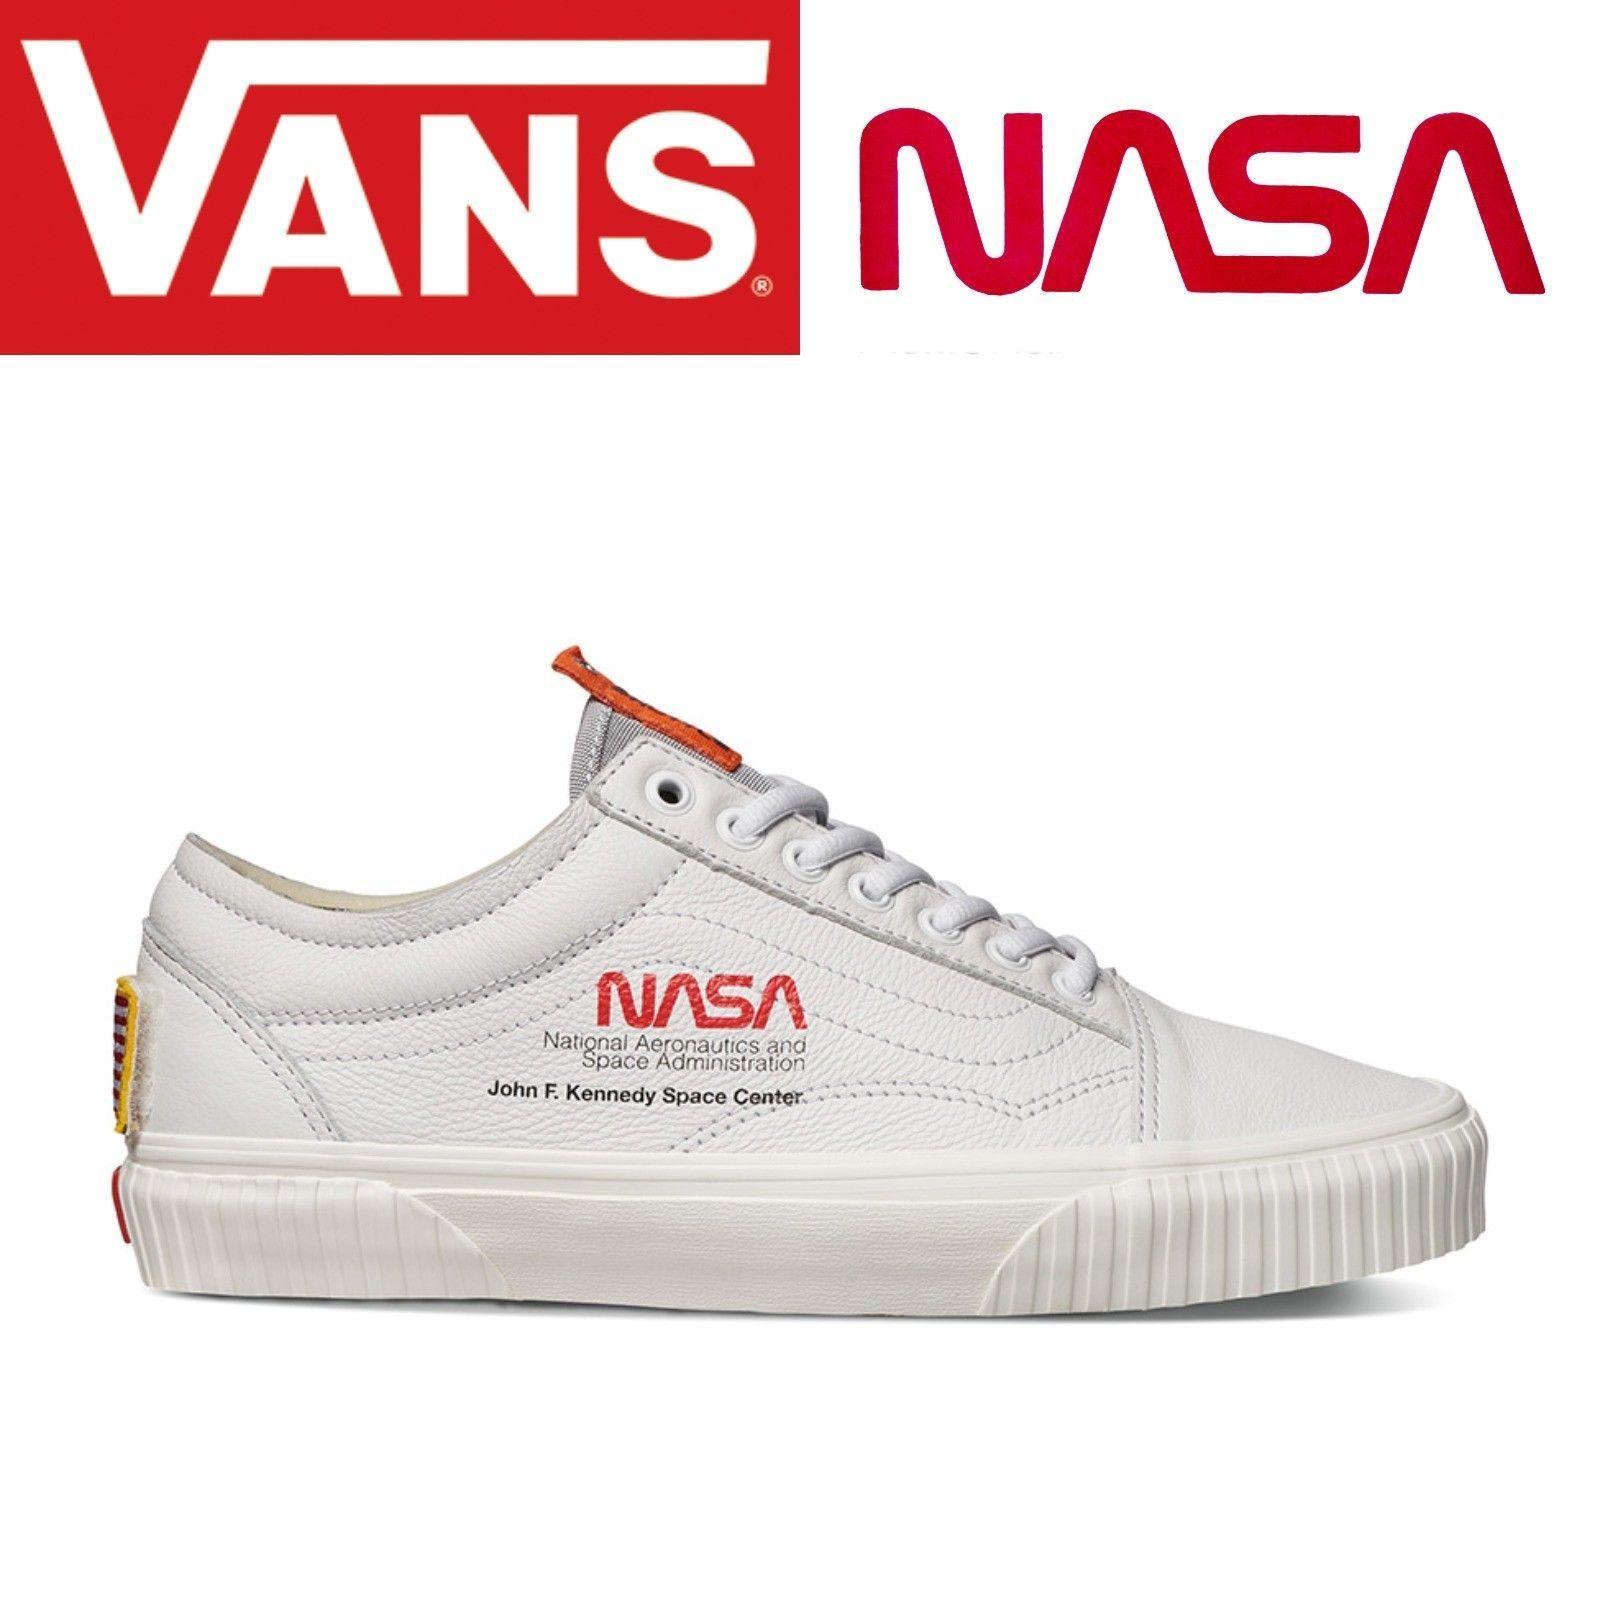 Vans Old Skool NASA Space Voyager True White 2020 | 우주